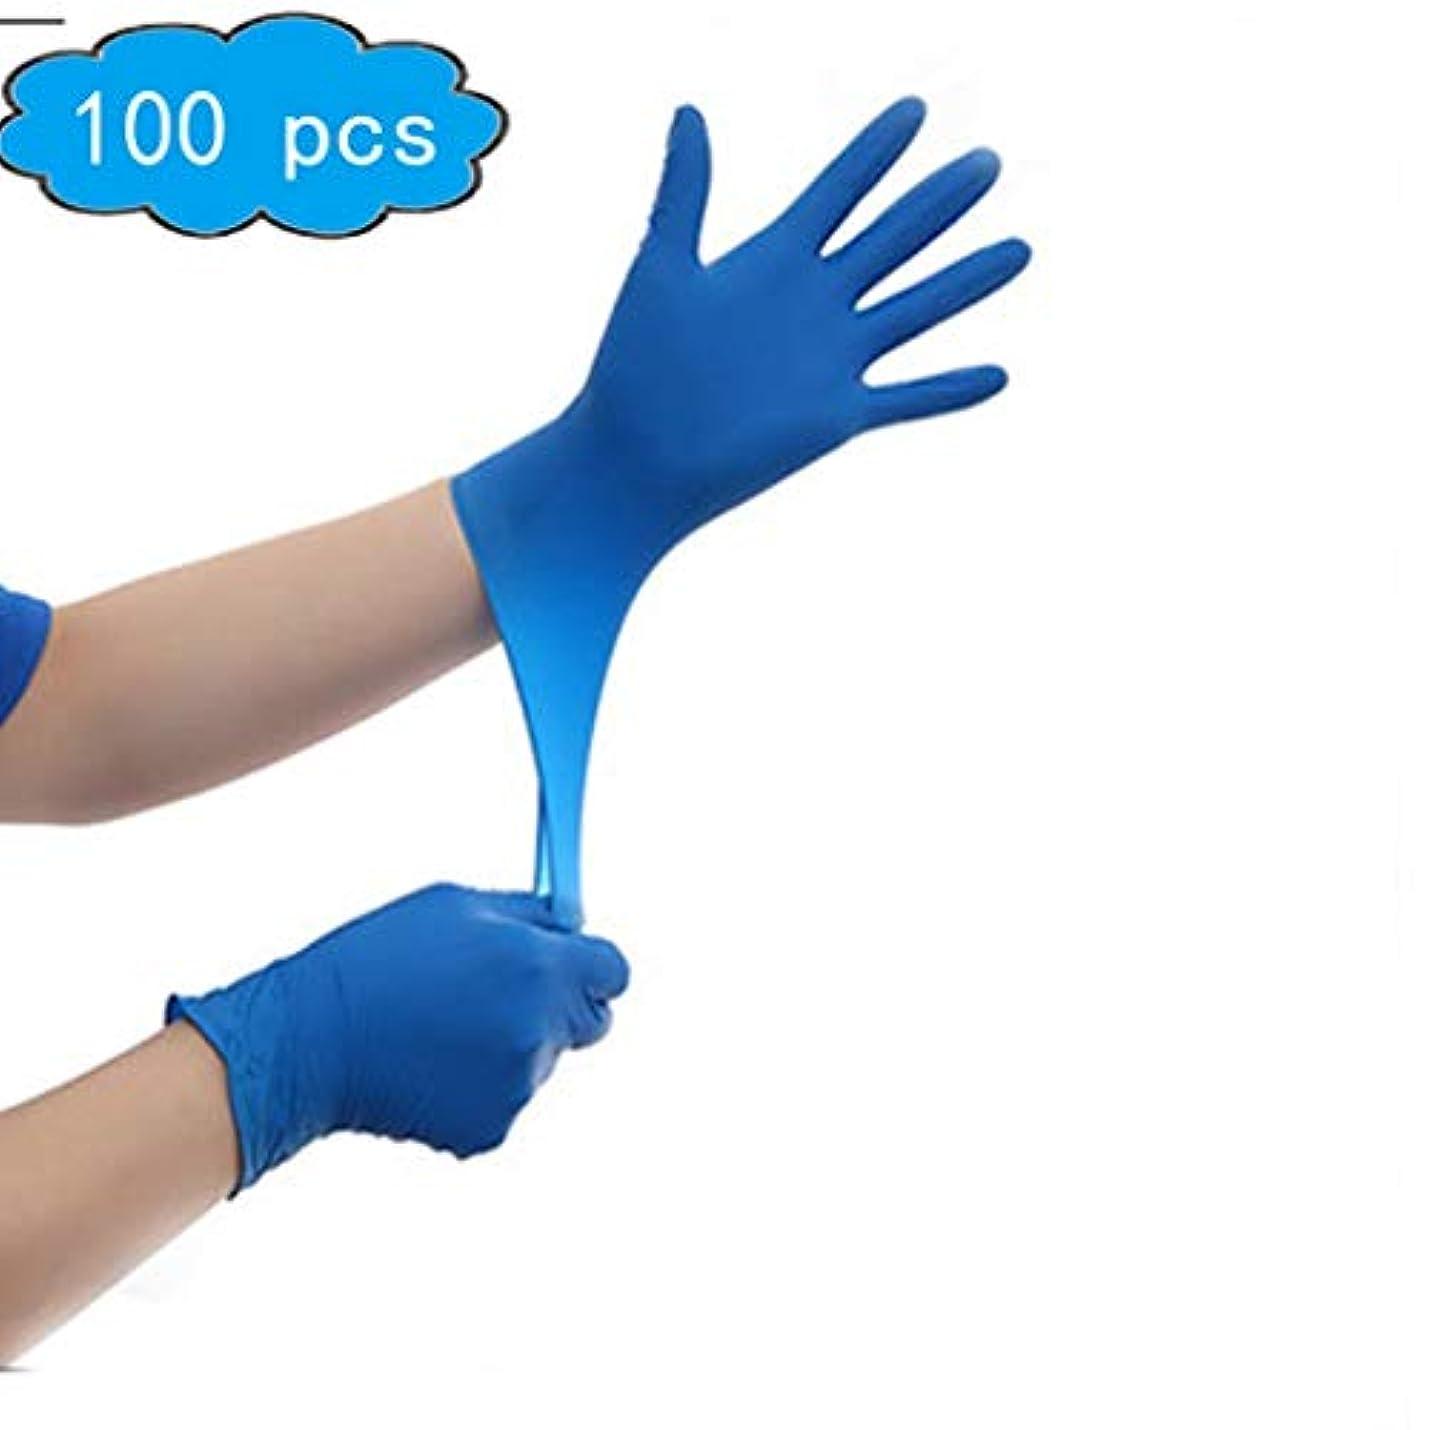 一晩先に愚かな使い捨て丁清手袋 - テクスチャード加工、サニタリー手袋、応急処置用品、大型、100箱入り、食品ケータリング家事使い捨て手袋 (Color : Blue, Size : XS)